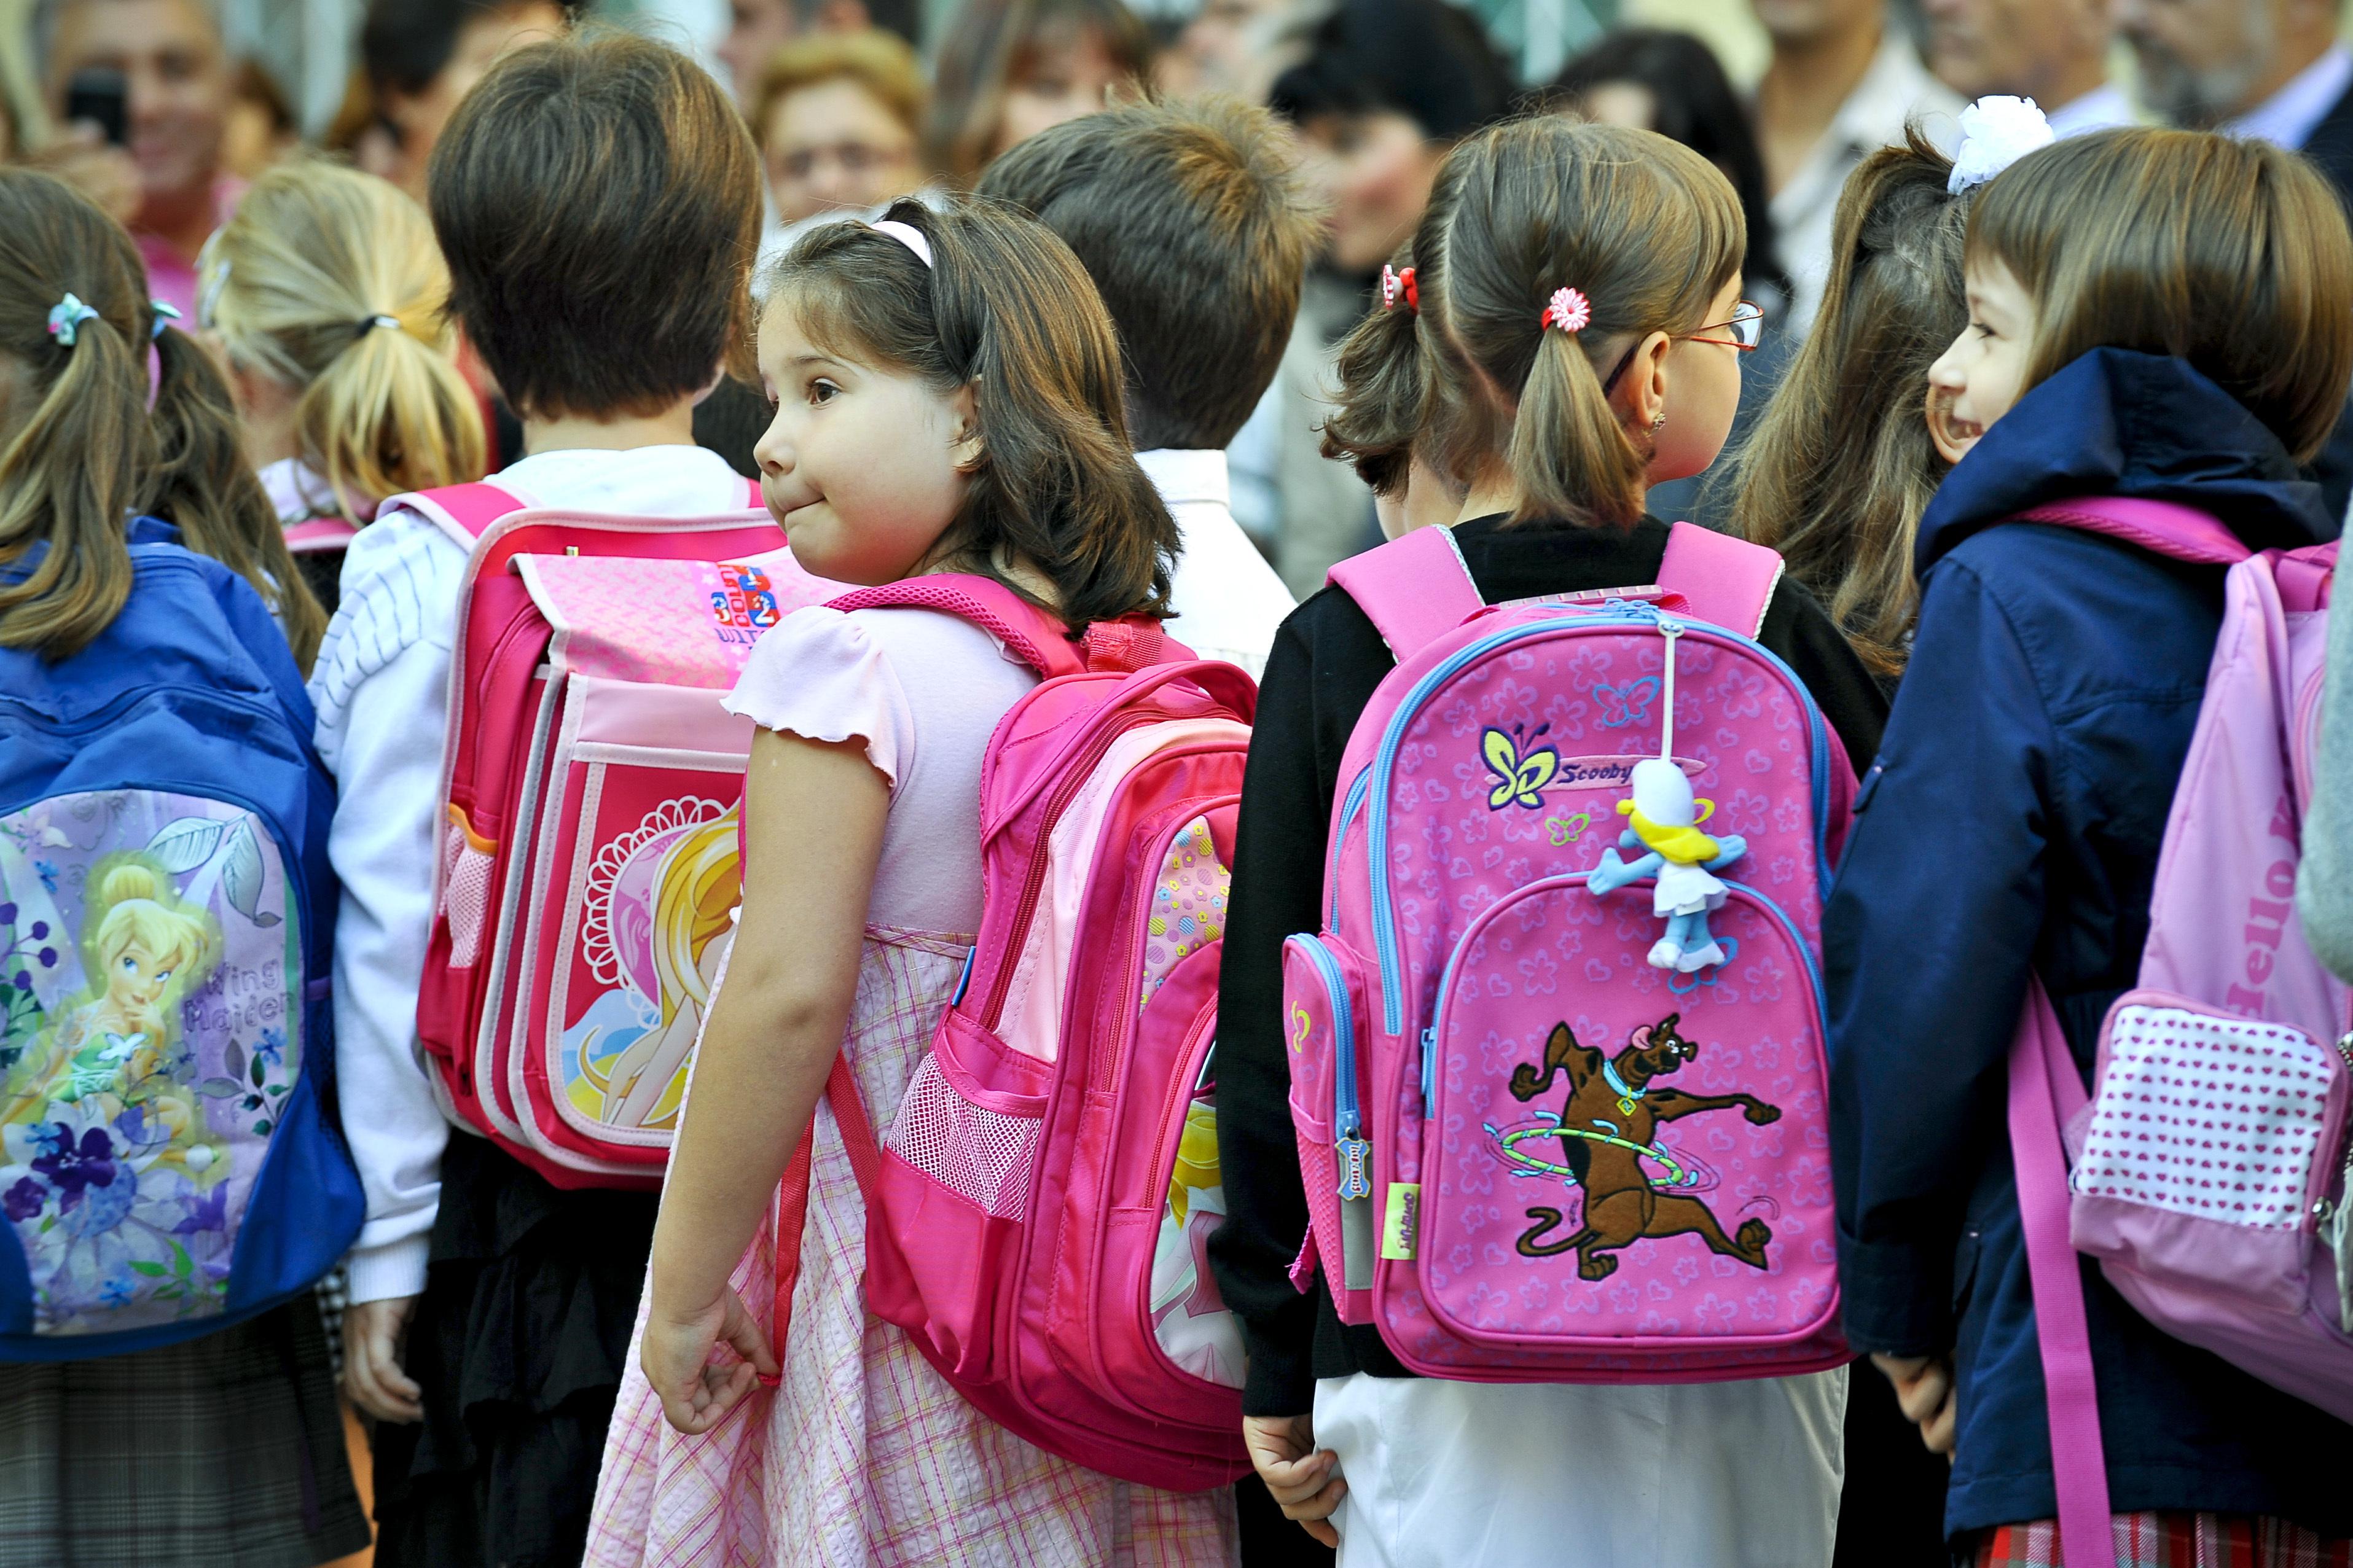 Ministrul Liviu Pop: Ghidul de clasa a V-a, înlocuitorul manualelor, a ajuns deja în 20 de judeţe. Până pe 8 septembrie va fi în toate şcolile